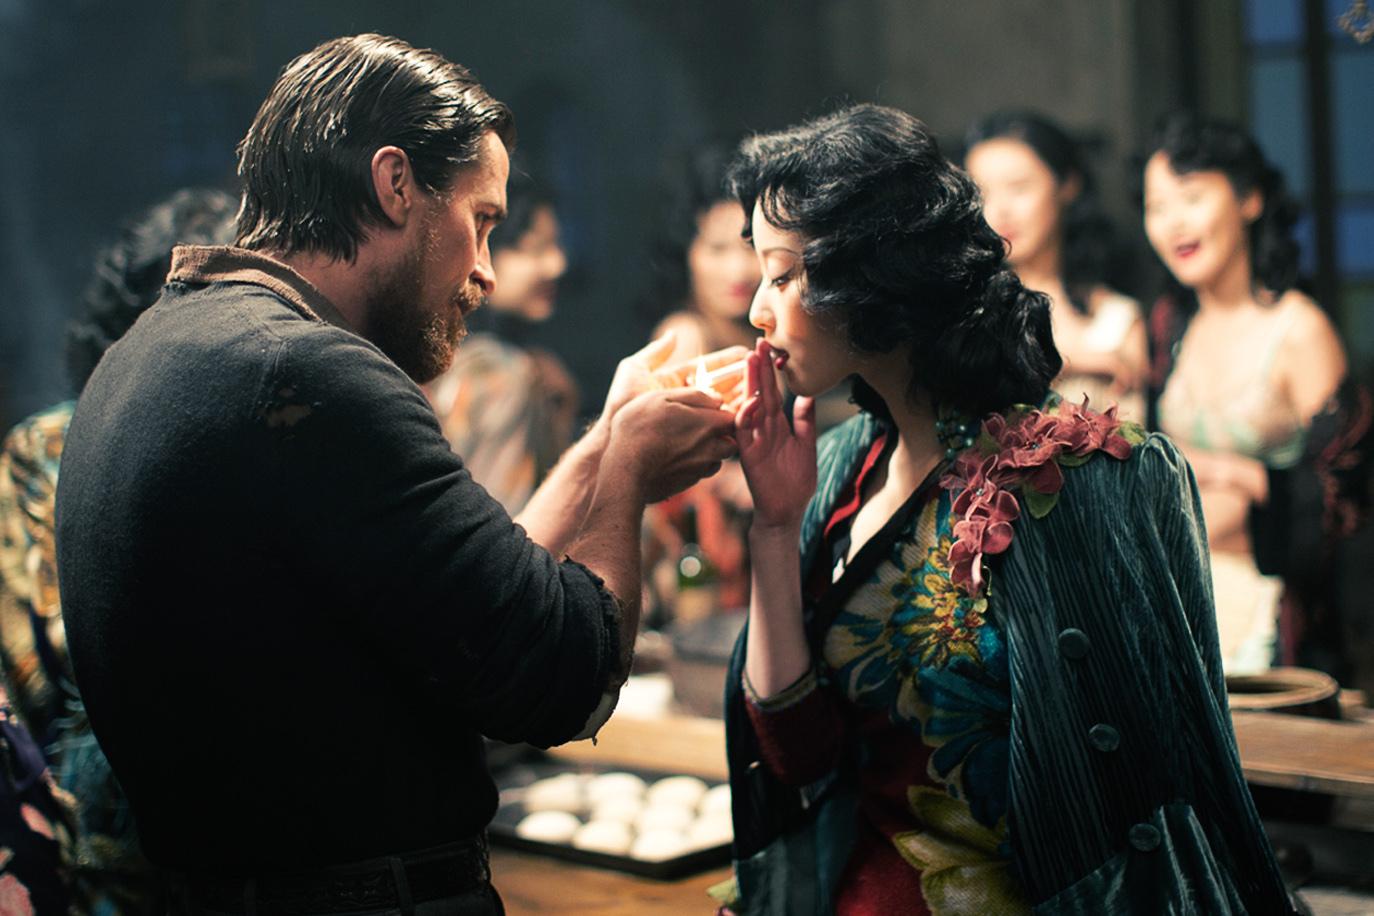 Christian Bale and Ni Ni in Jin ling shi san chai (2011)